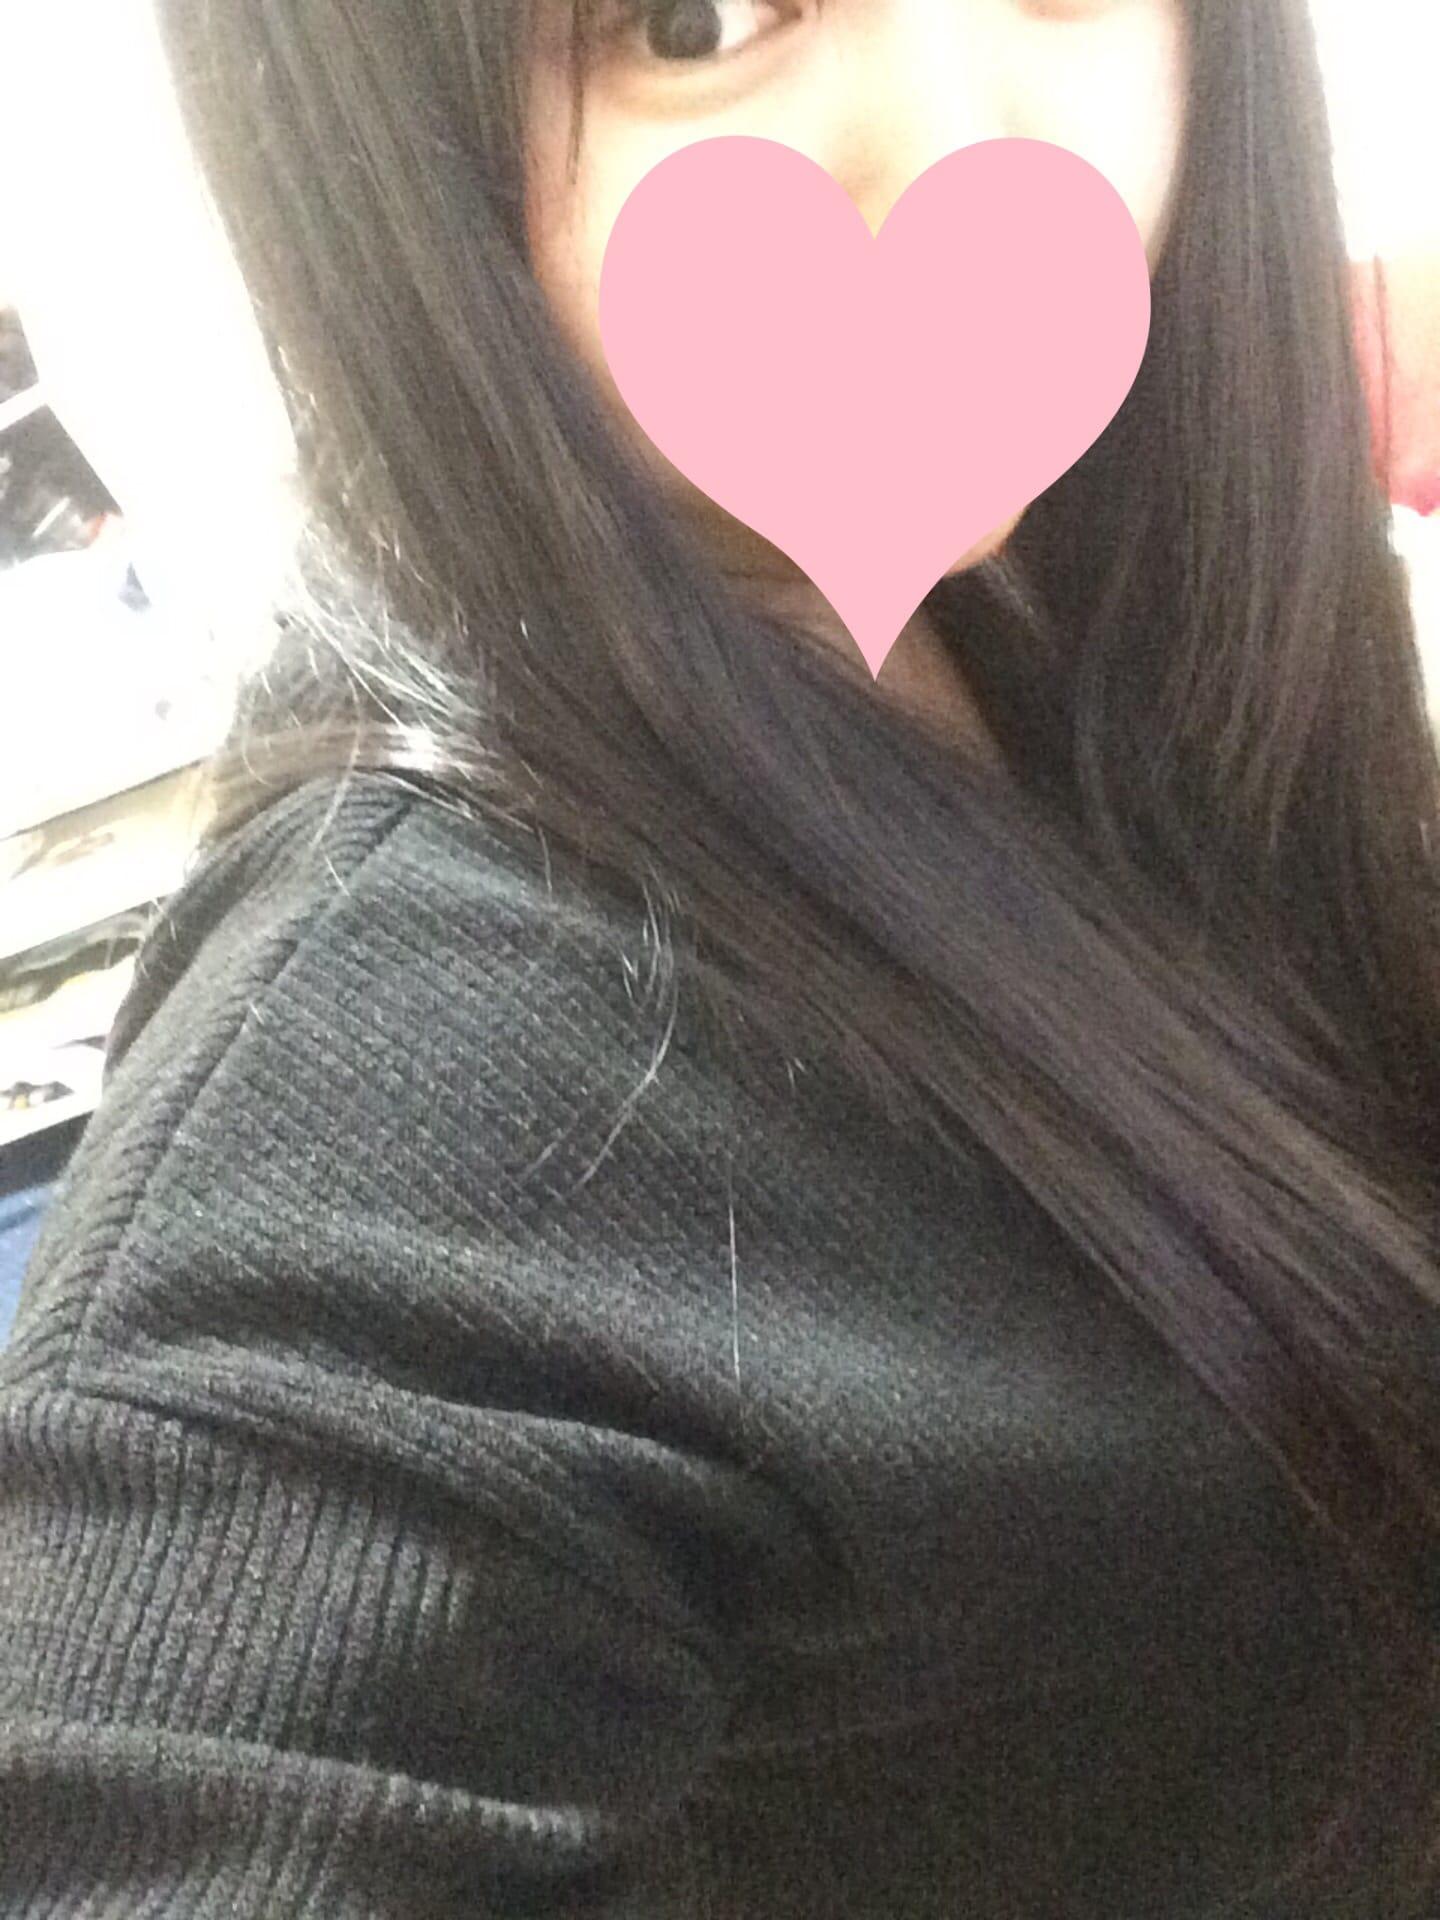 「ただいま」12/12(火) 05:33 | ショコラの写メ・風俗動画